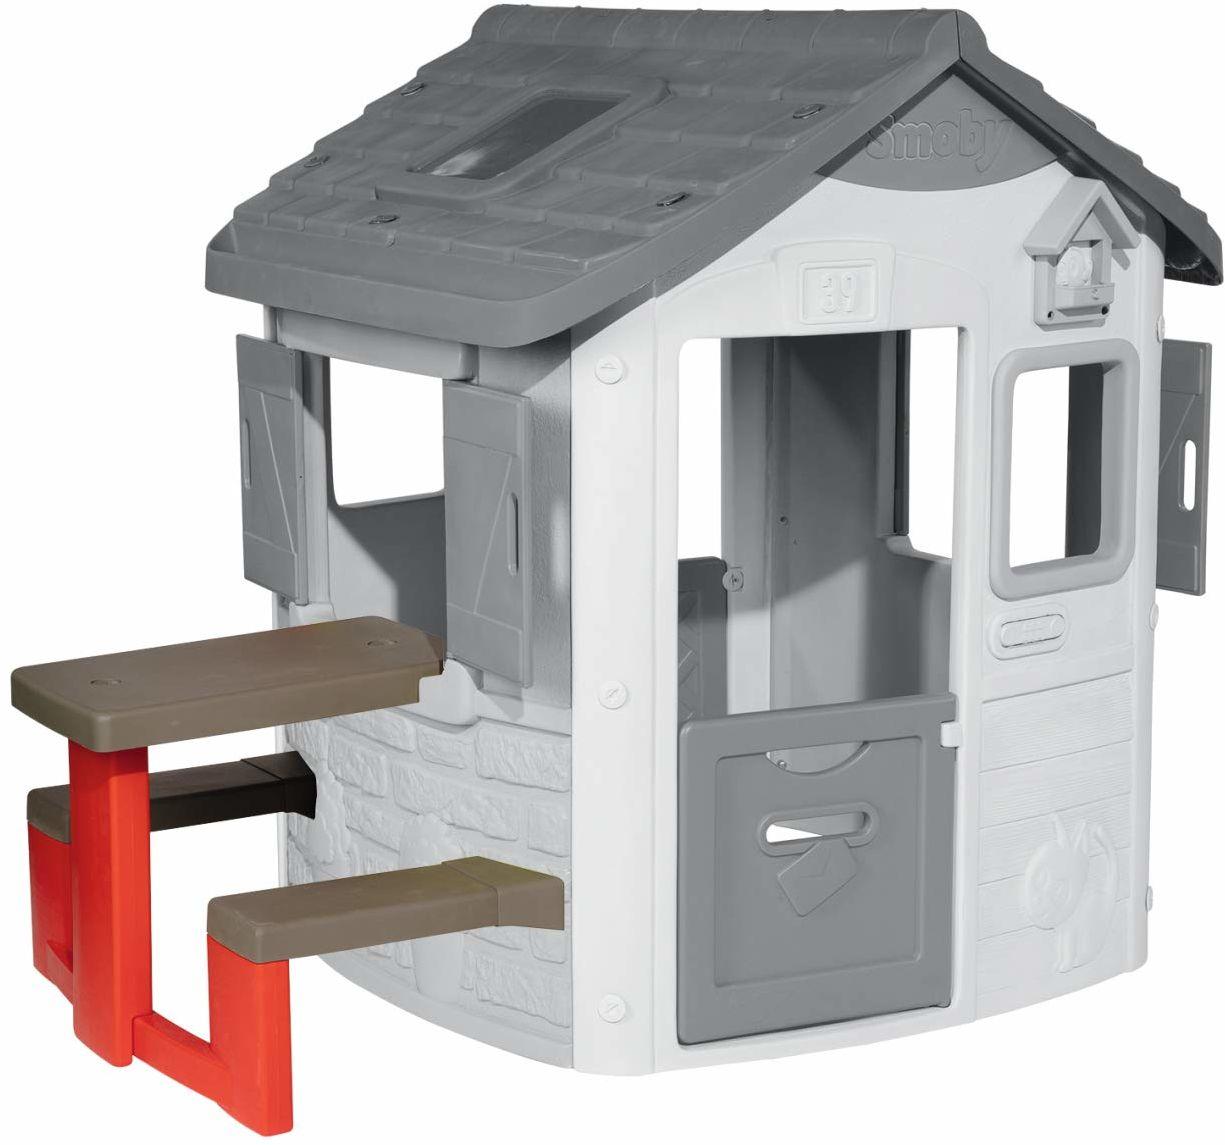 Smoby 810902  stół piknikowy do domków do zabawy Smoby  akcesoria do domku zabaw, ławka do siedzenia ze stołem, pasuje do większości domków do zabawy Smoby